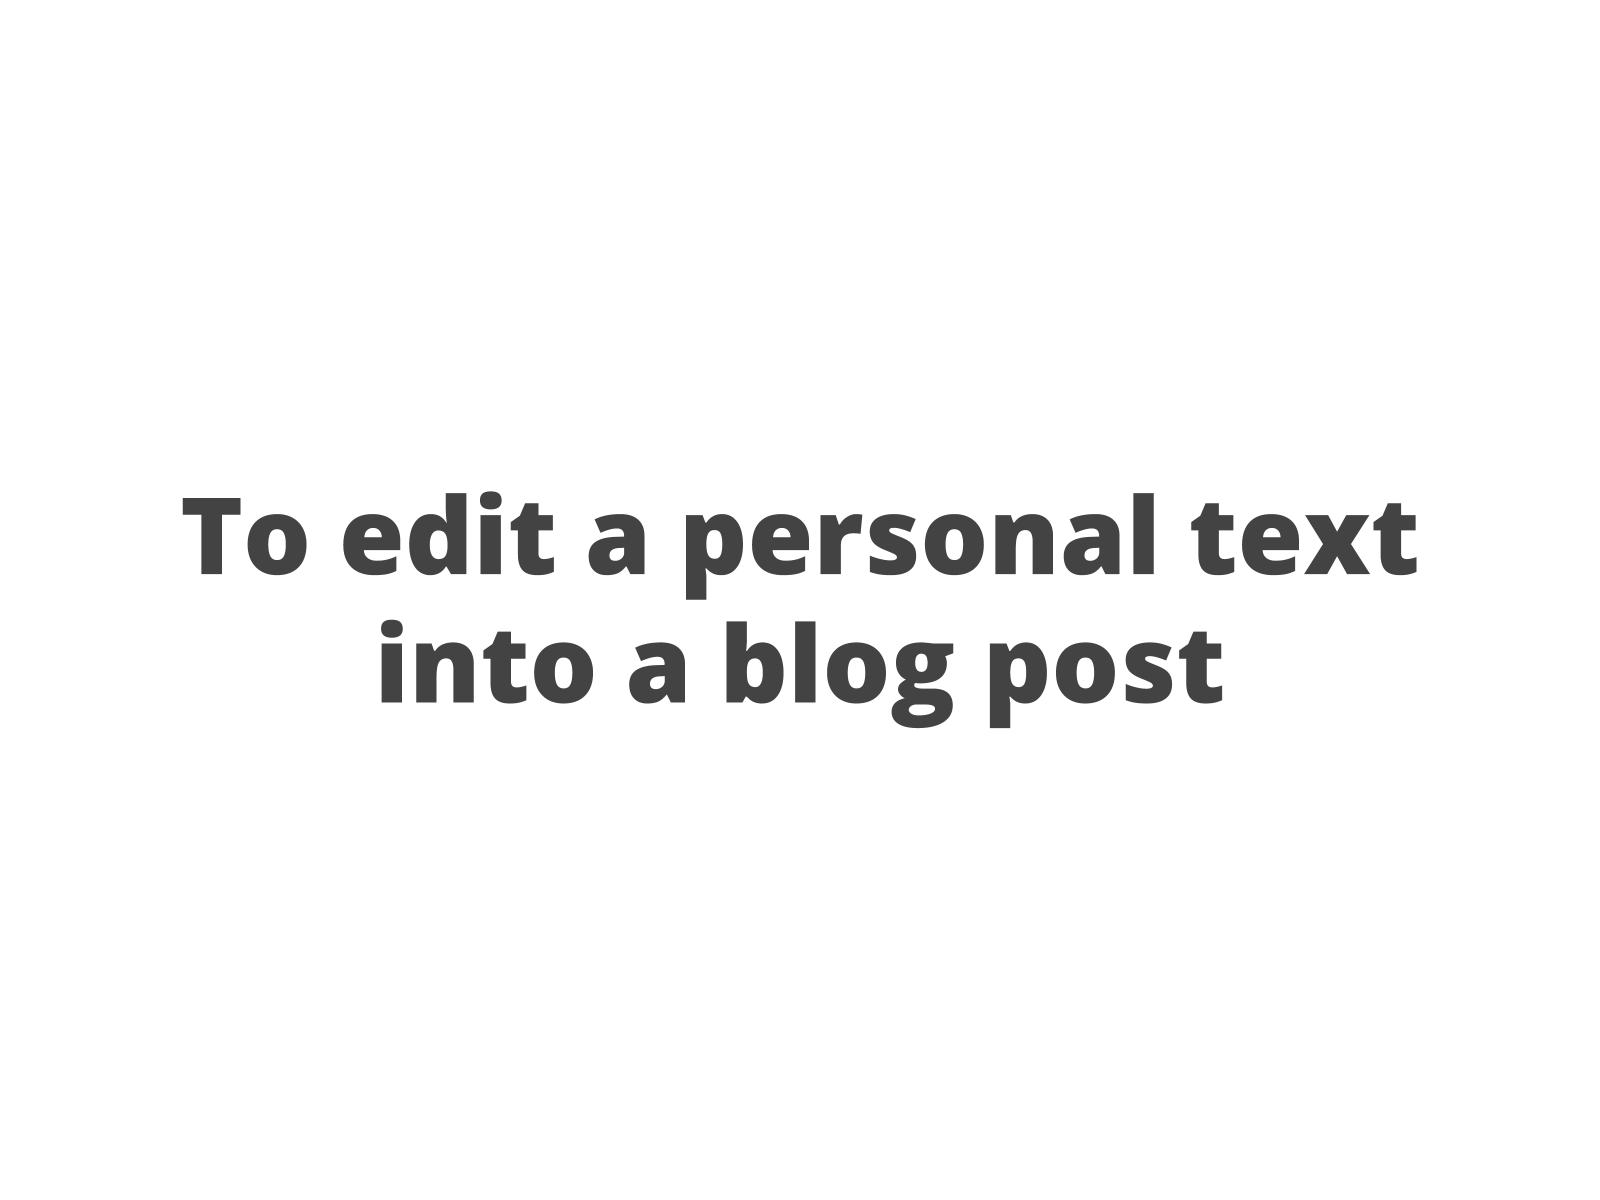 Reescrevendo um relato pessoal para transformá-lo num post de blog